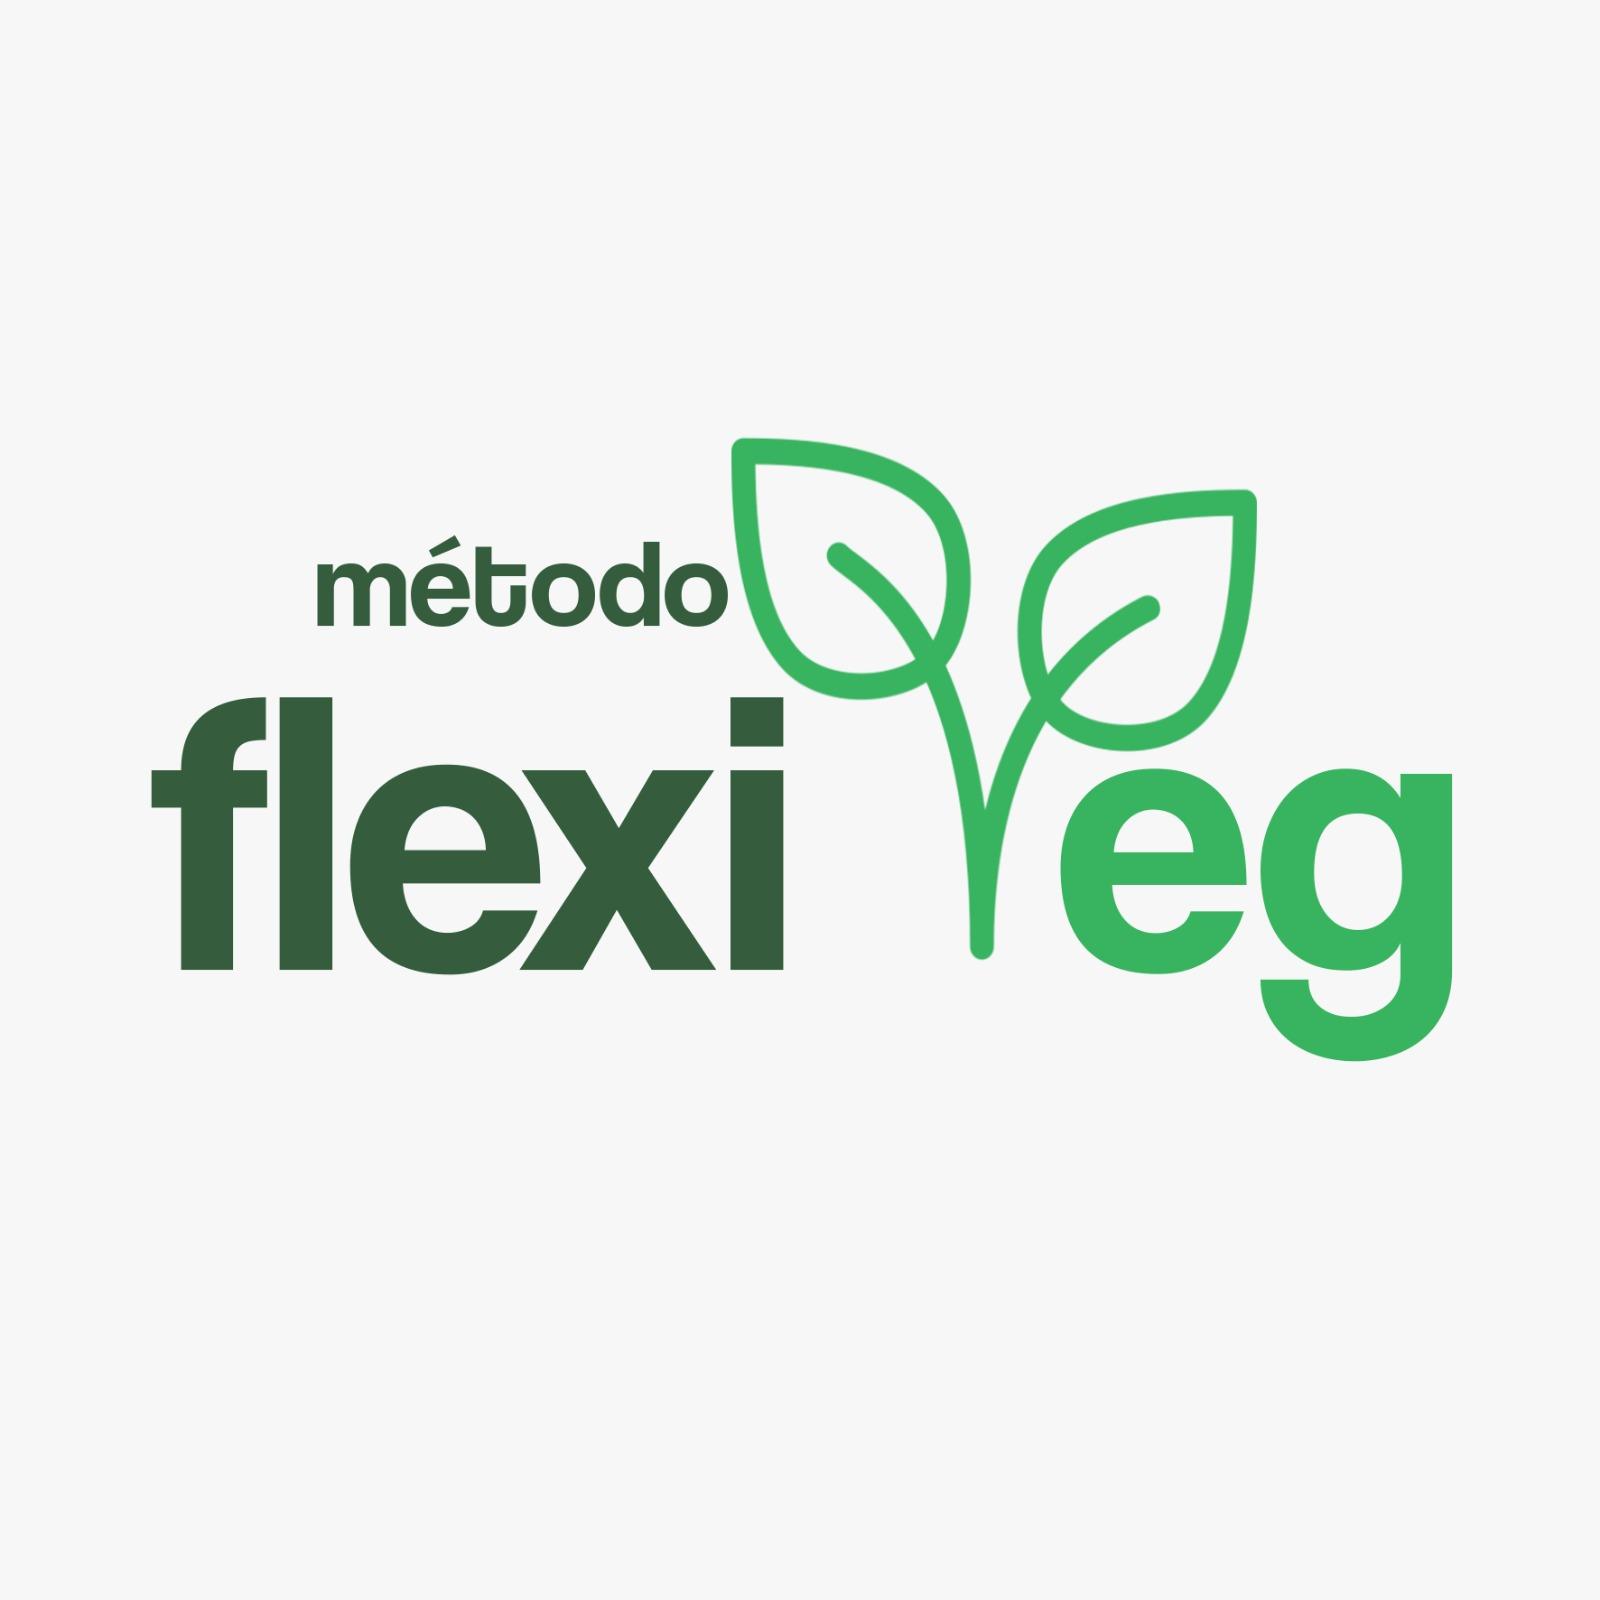 flexilogo